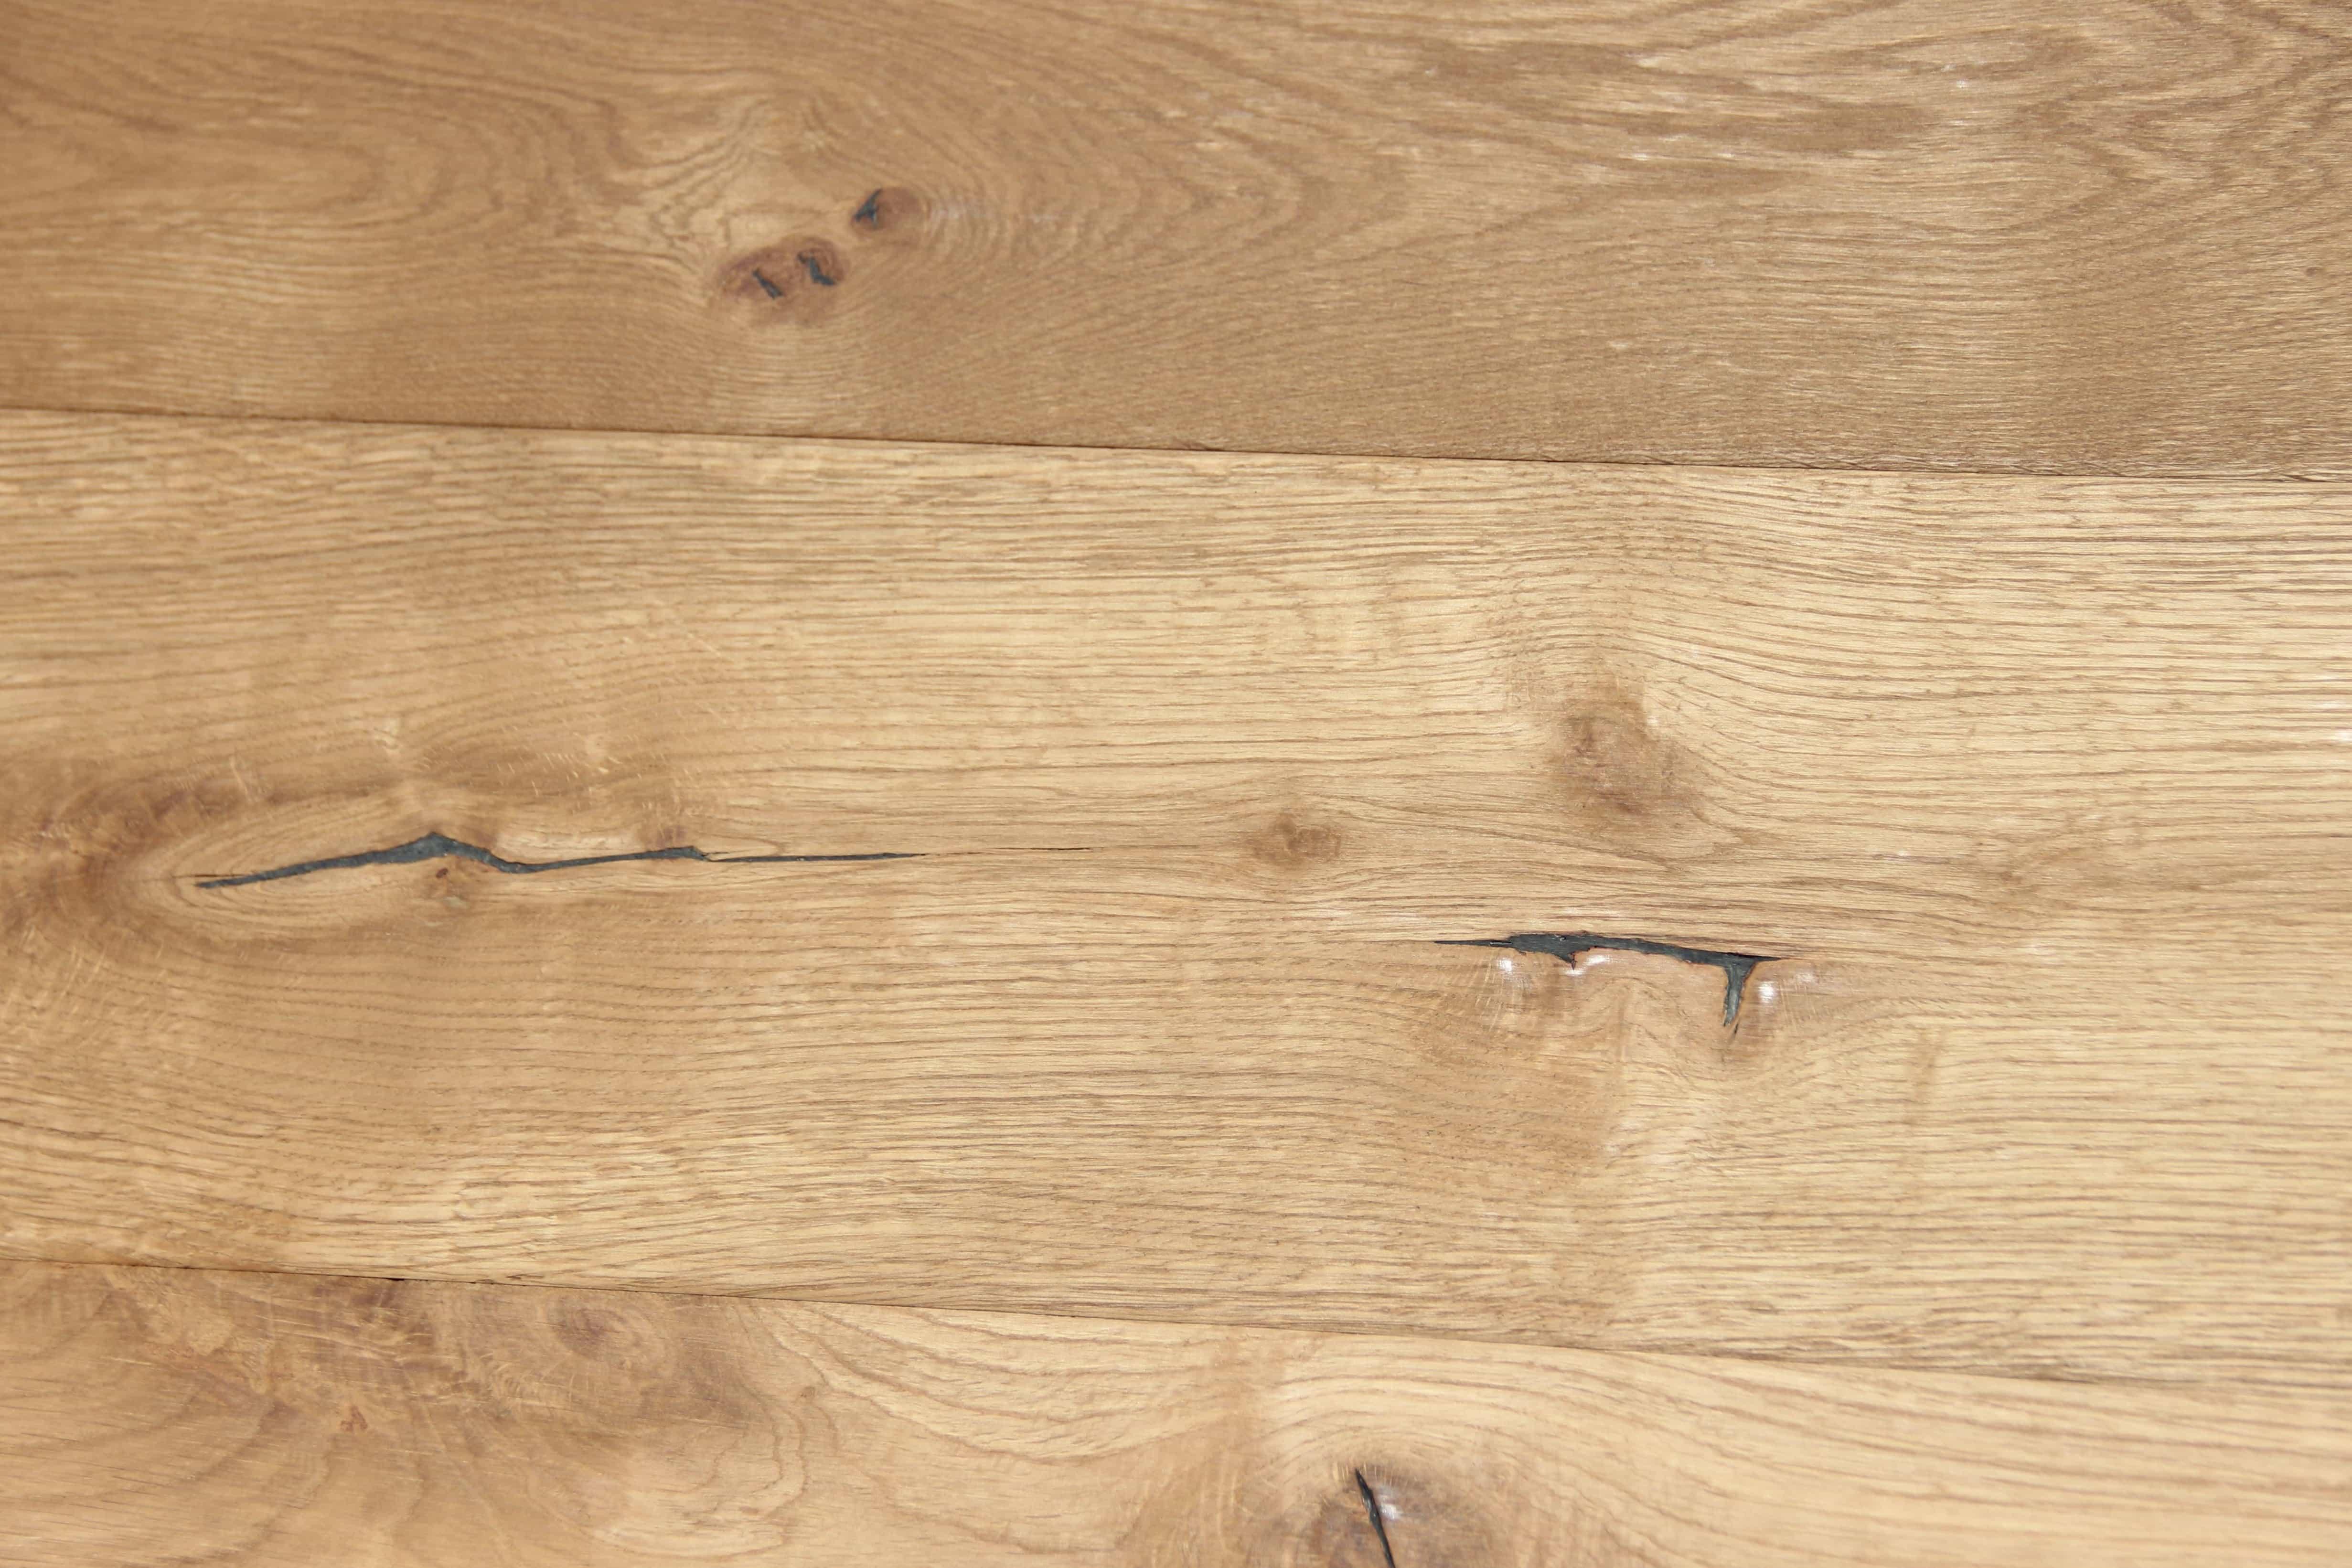 Foto gratis nodo di legno superficie rovere legno carpenteria costruzione piano